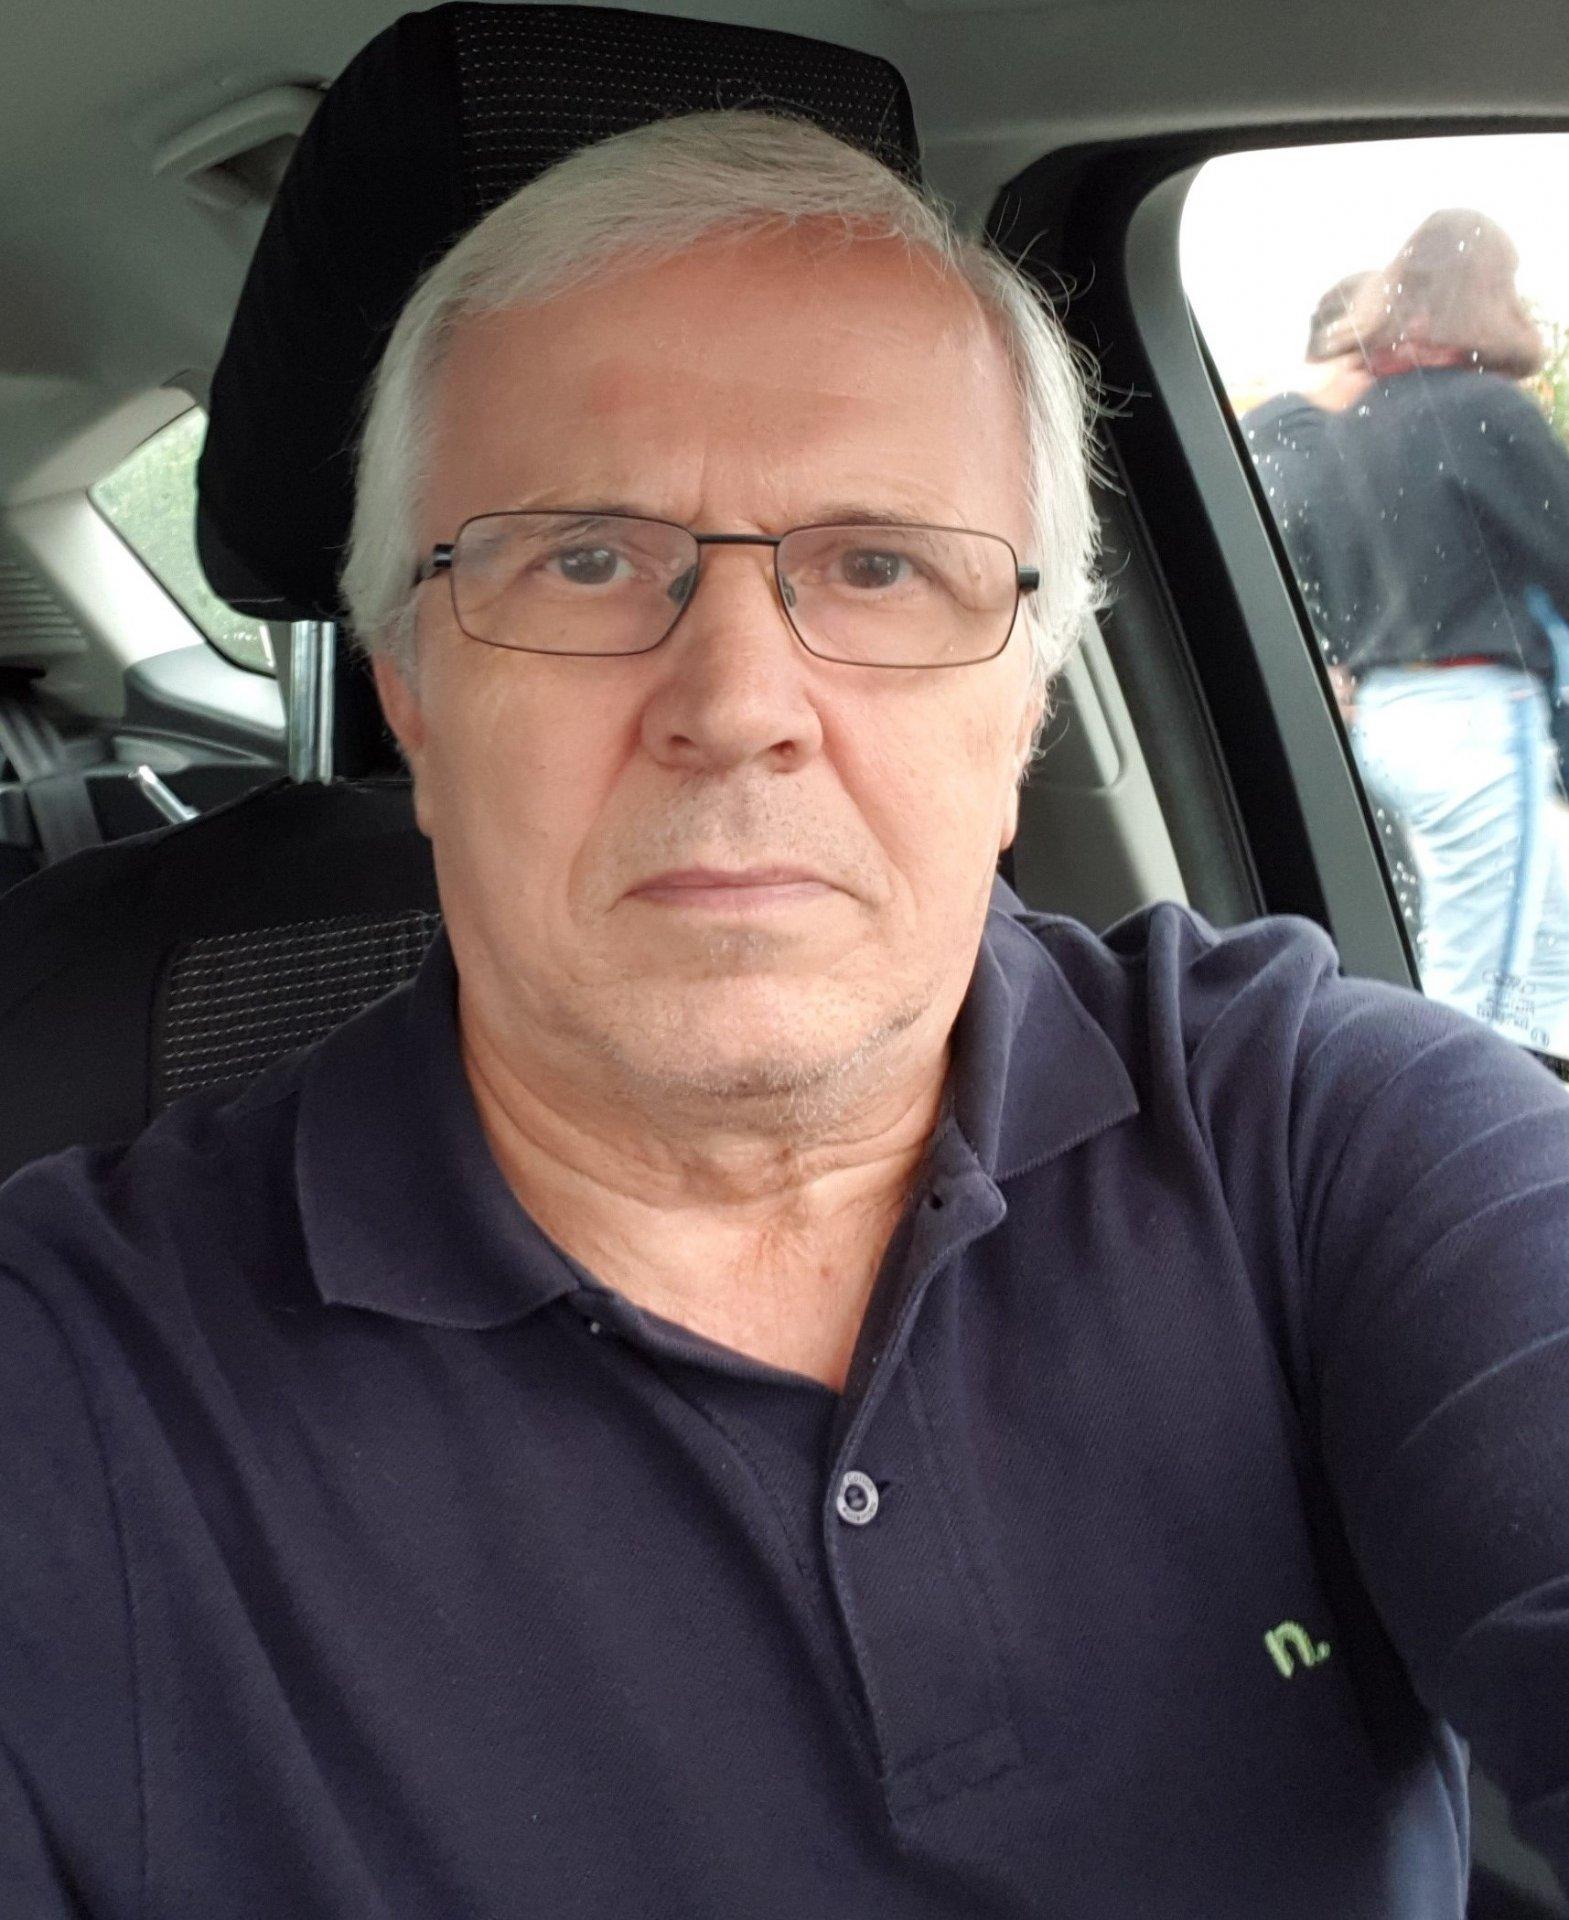 George aus Bern,Schweiz